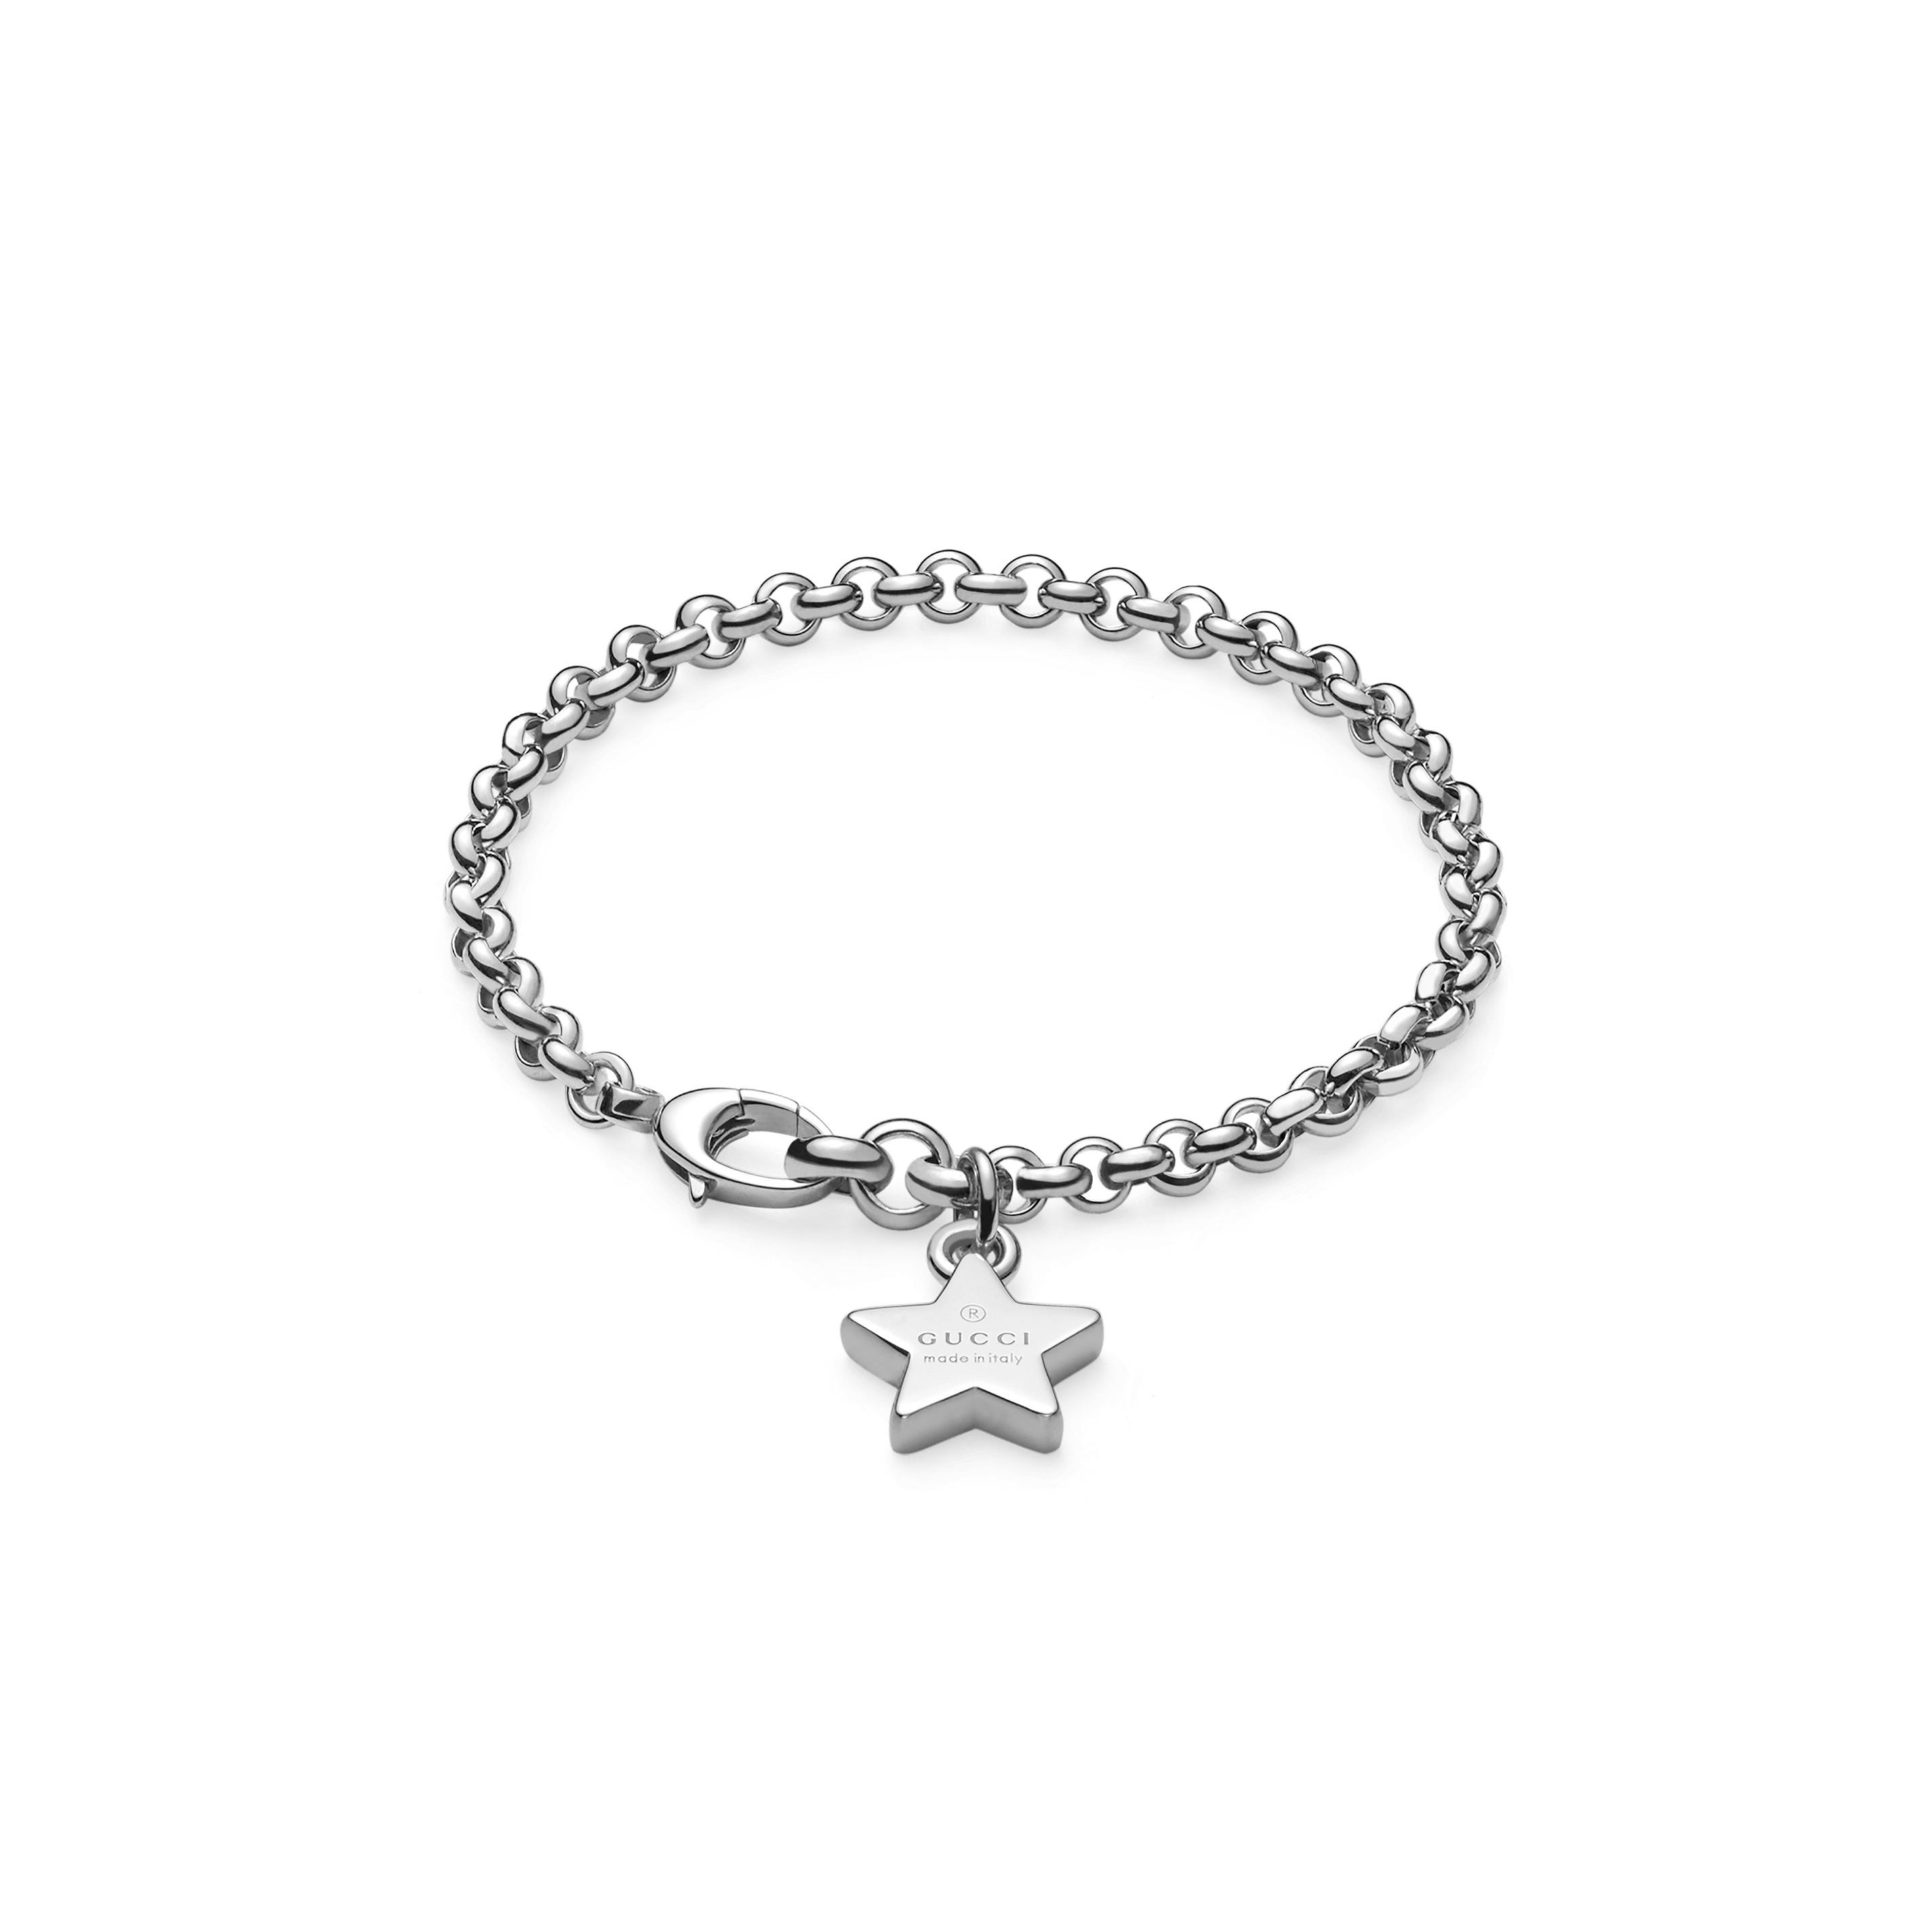 b00e372e3e Home / Gioielli / Bracciali / Gucci bracciale trademark stella in argento  ...